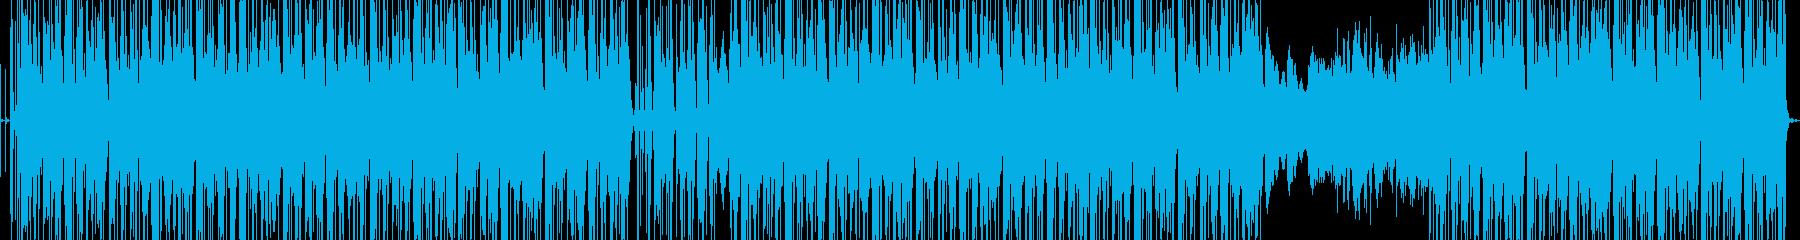 ゆったりほのぼのしたファンクBGMの再生済みの波形